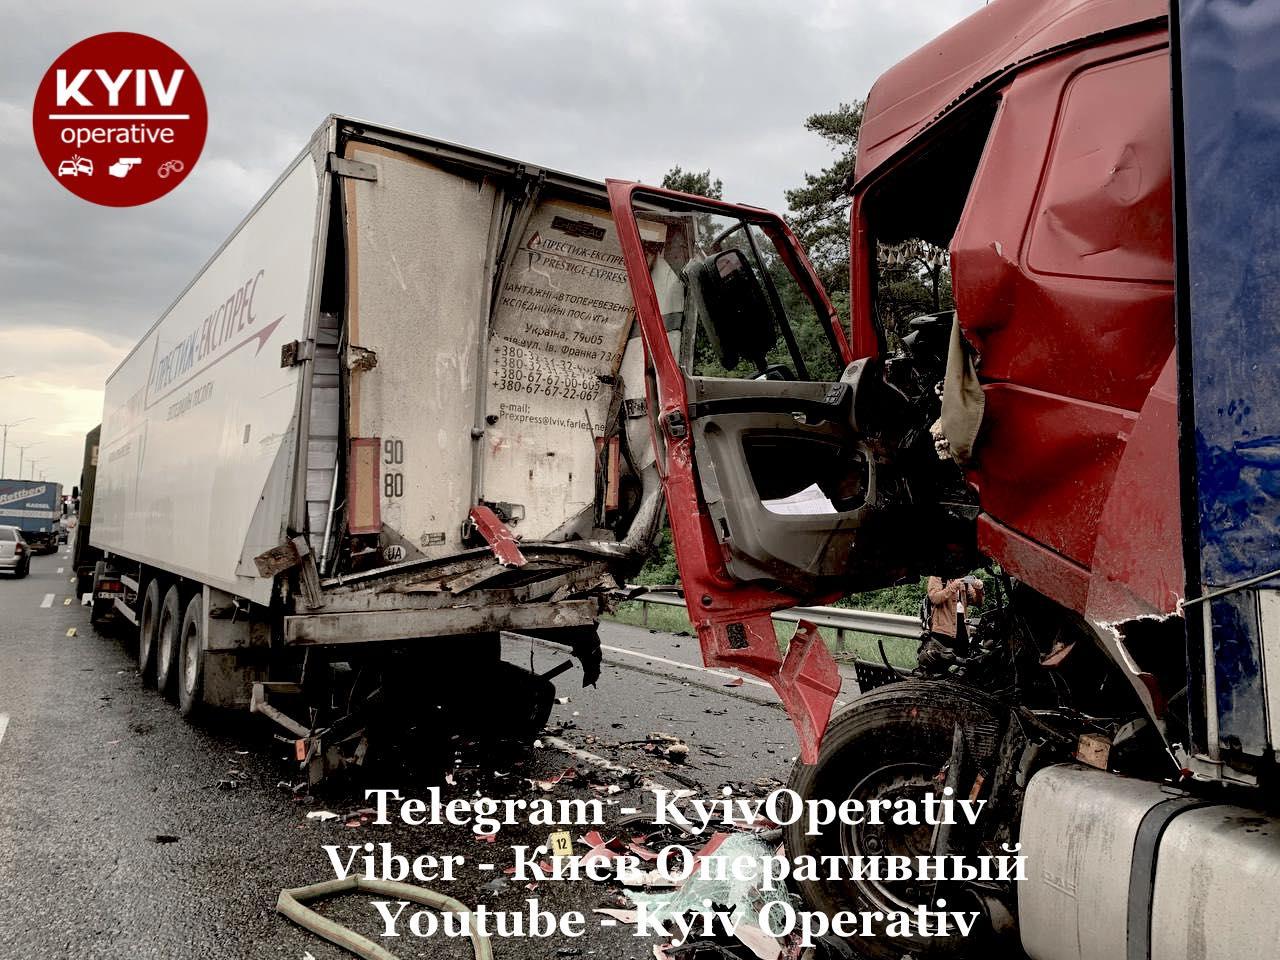 Масштабна аварія біля Києва за участю авто Нацгвардії: військові допомогли врятувати винуватця ДТП